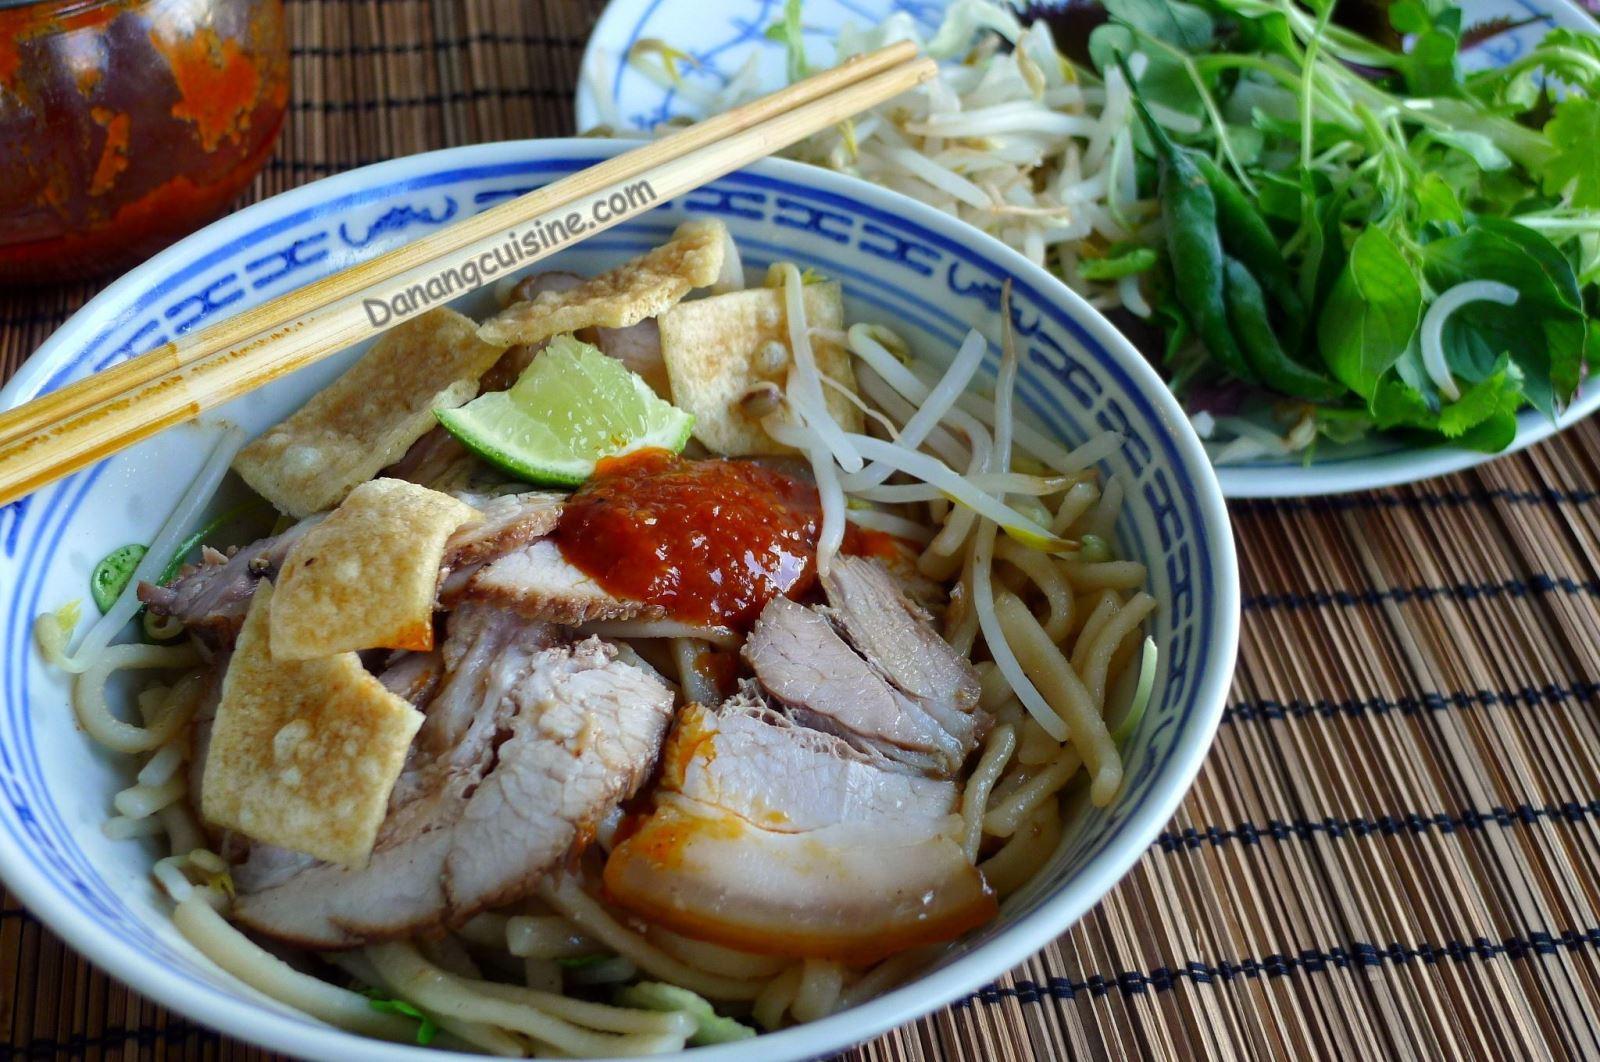 Nước dùng để ngâm gạo thơm làm cao lầu phải là nước tro, nấu củi lấy từ Cù Lao Chàm.